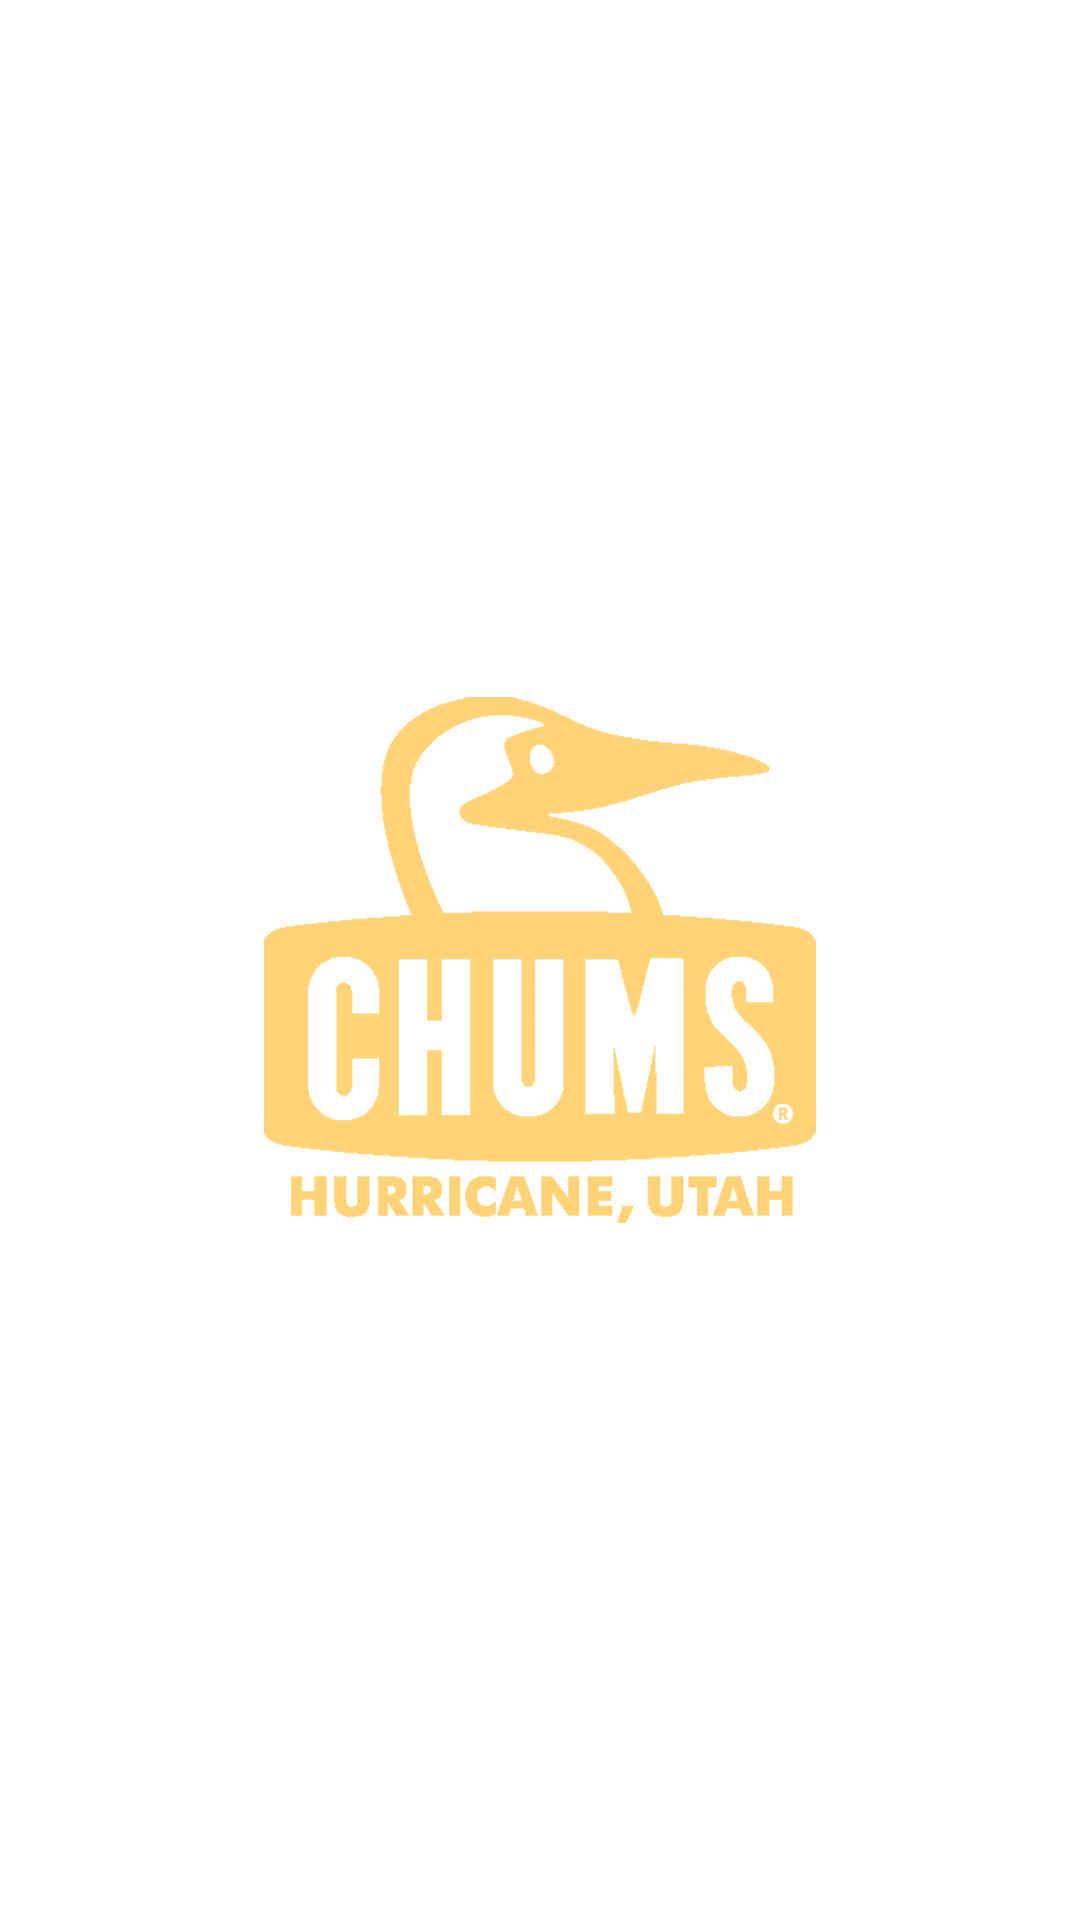 chums46